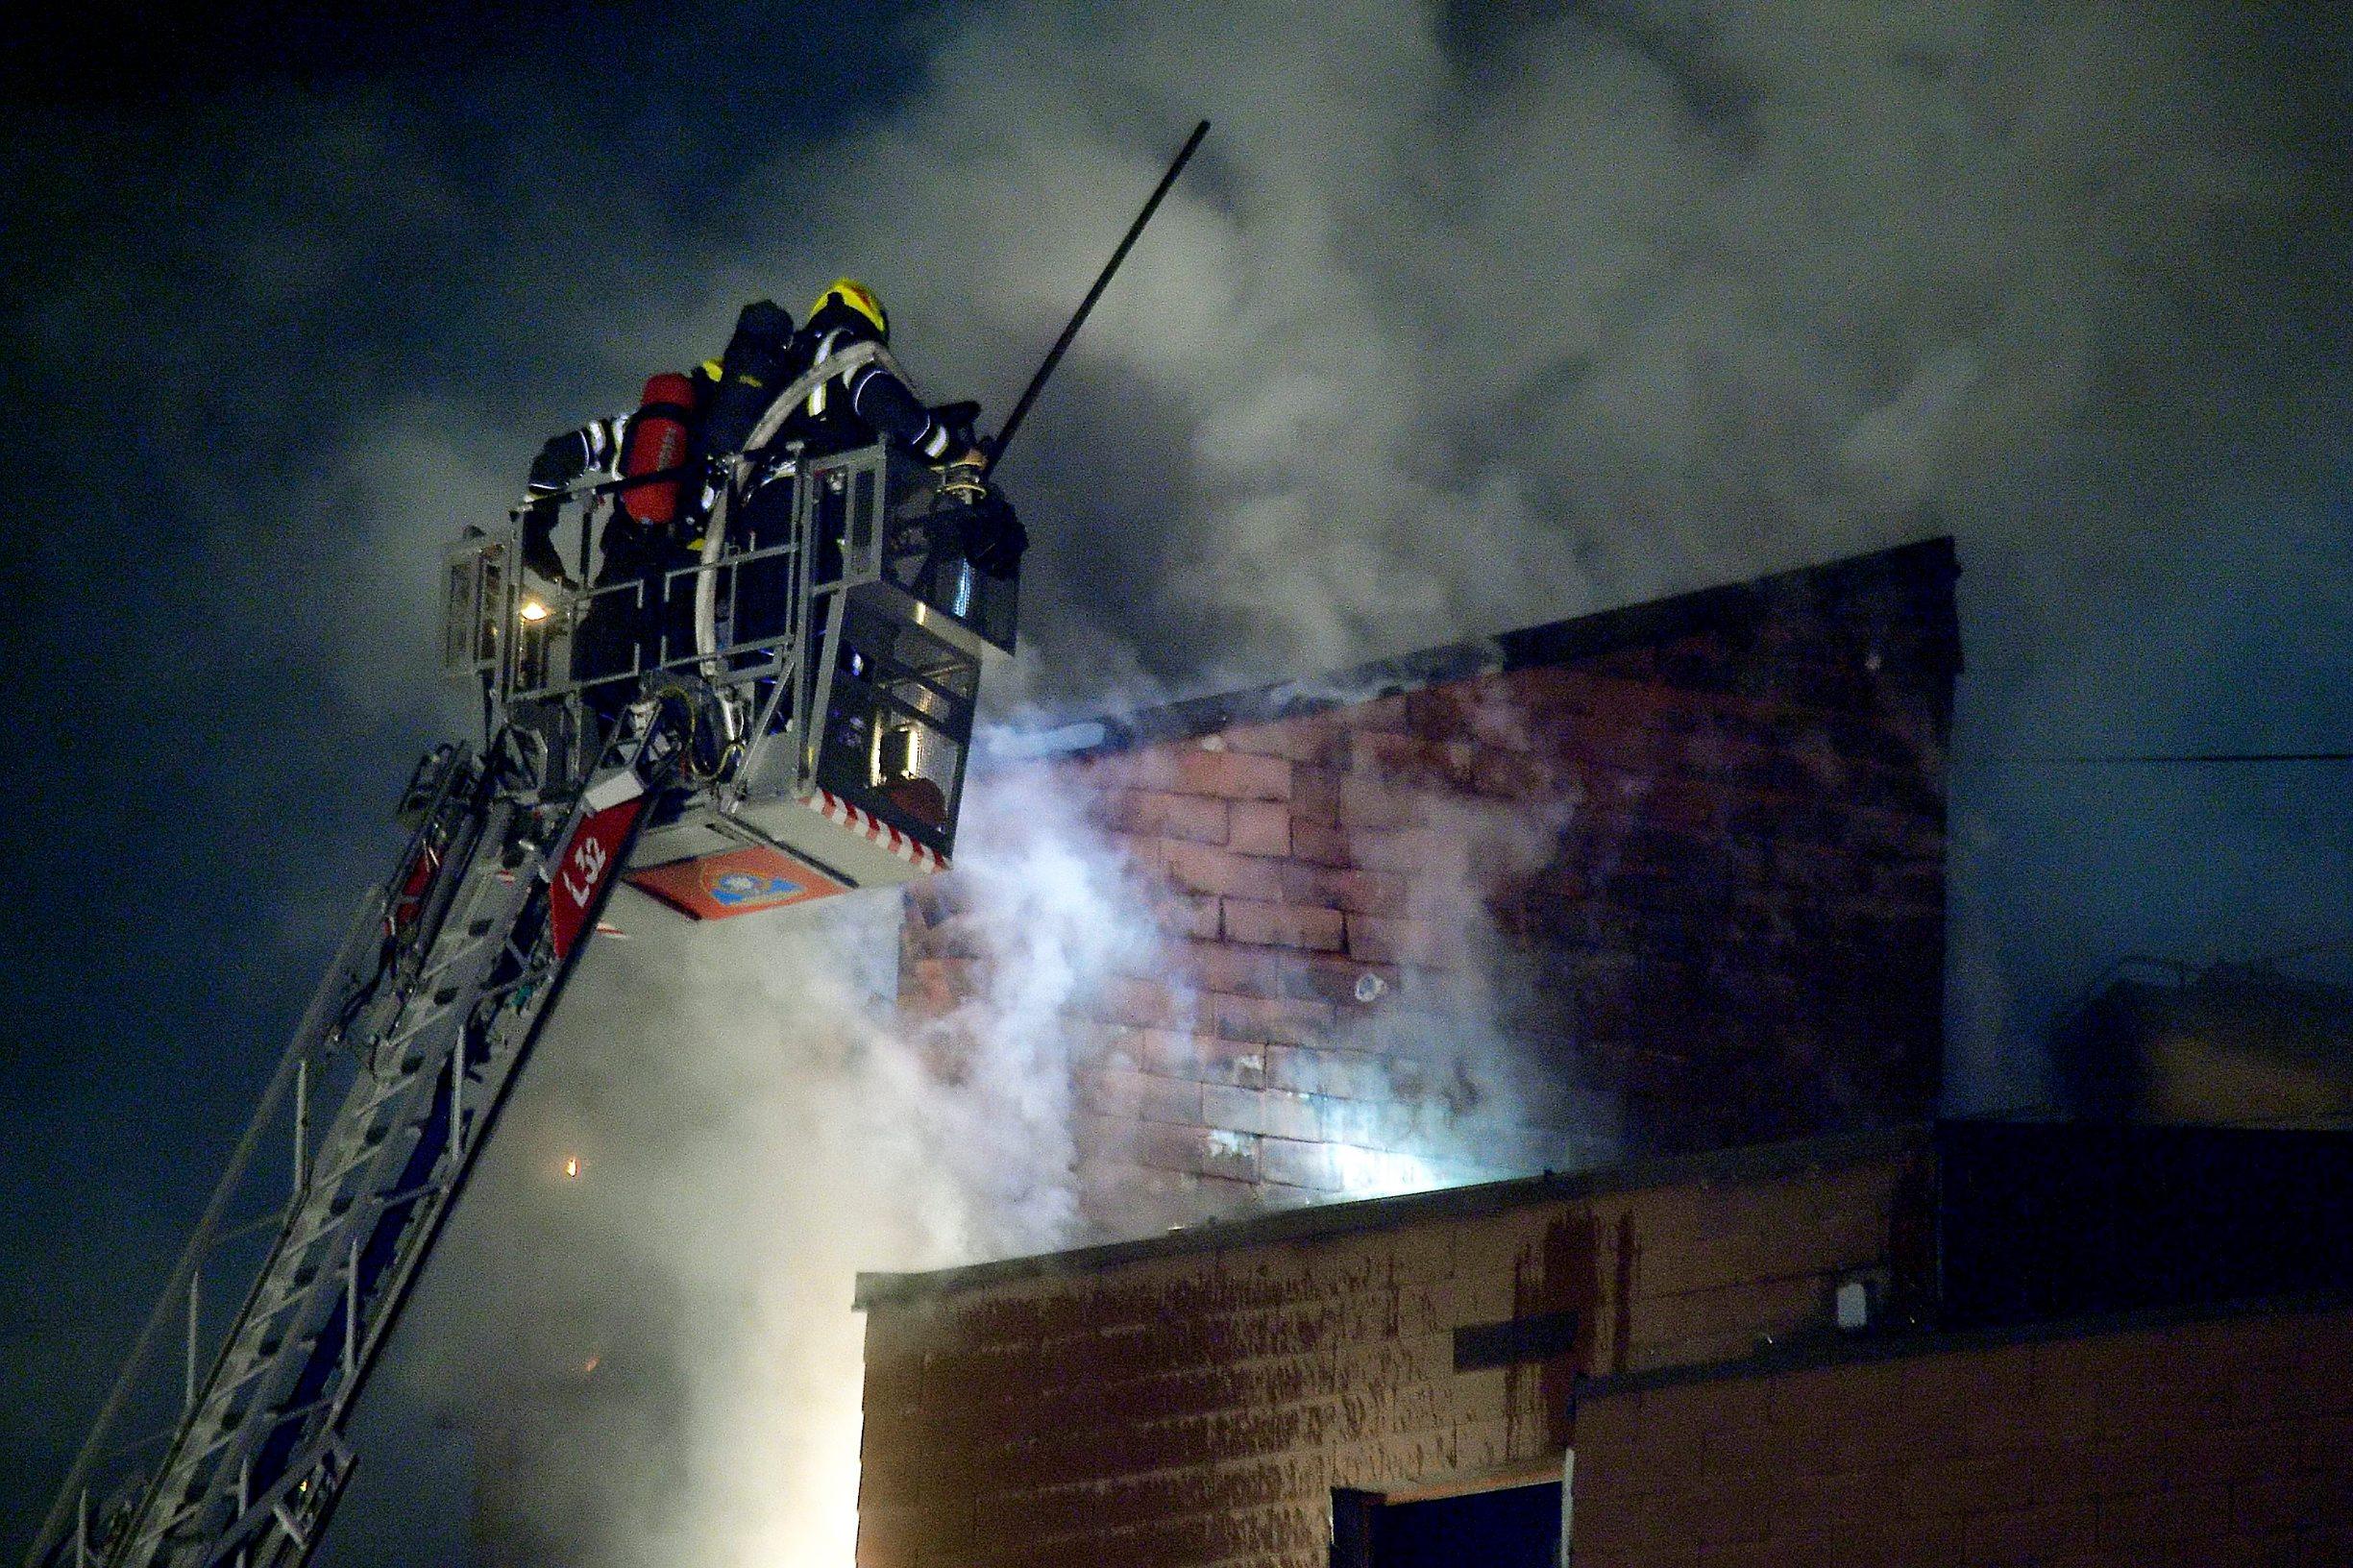 Veliki požar izbio je večeras na zagrebačkom Kvatricu. Planuo je stan na trećem katu zgrade u Gotovčevoj ulici. Vatra je zahvatila i cijelu krovnu konstrukciju od šindre koja se proteže na dva kata i potkrovlje, jedna osoba je ozlijeđena.